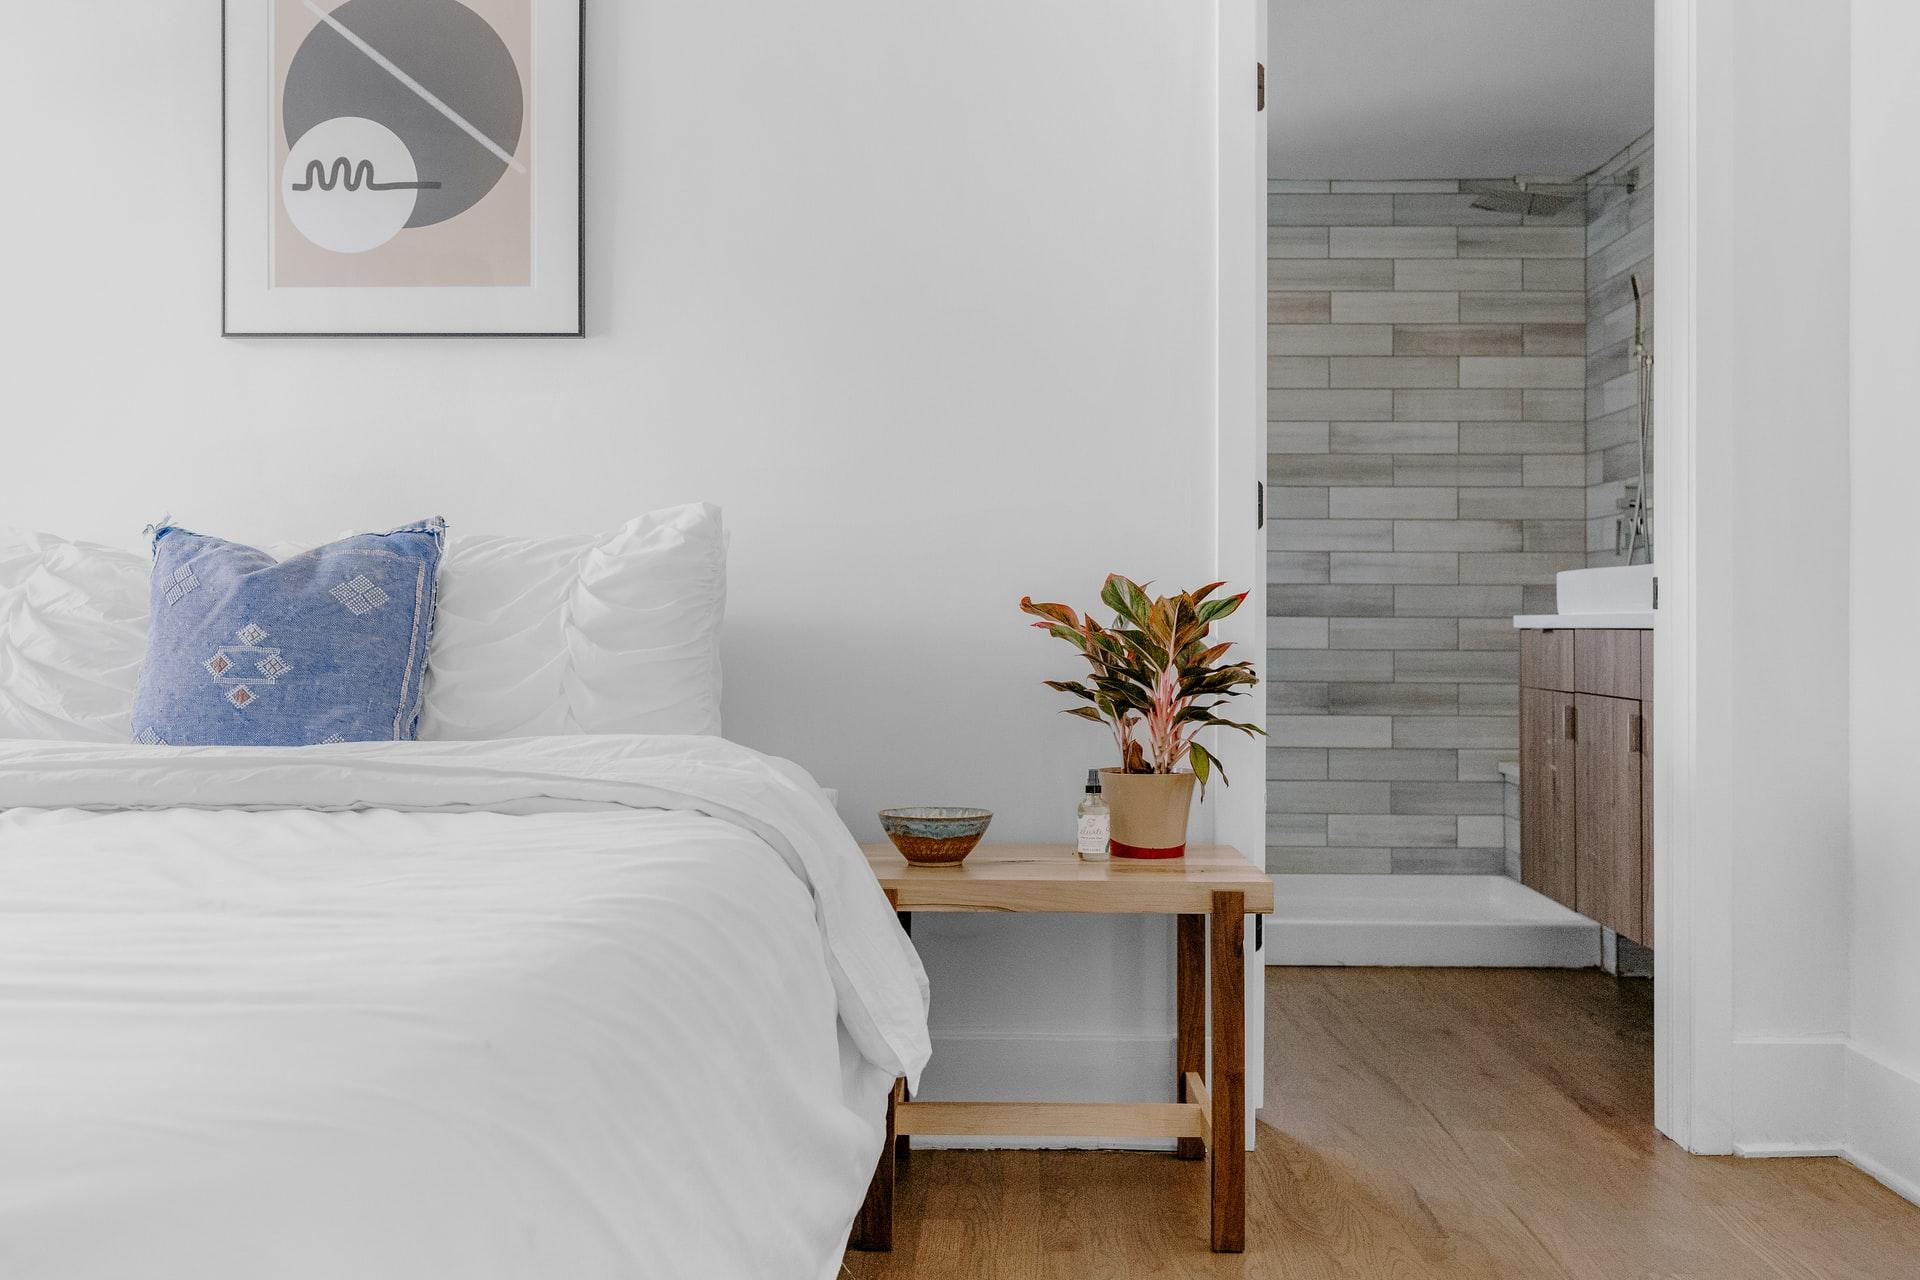 elektrische boxspring slaapkamer